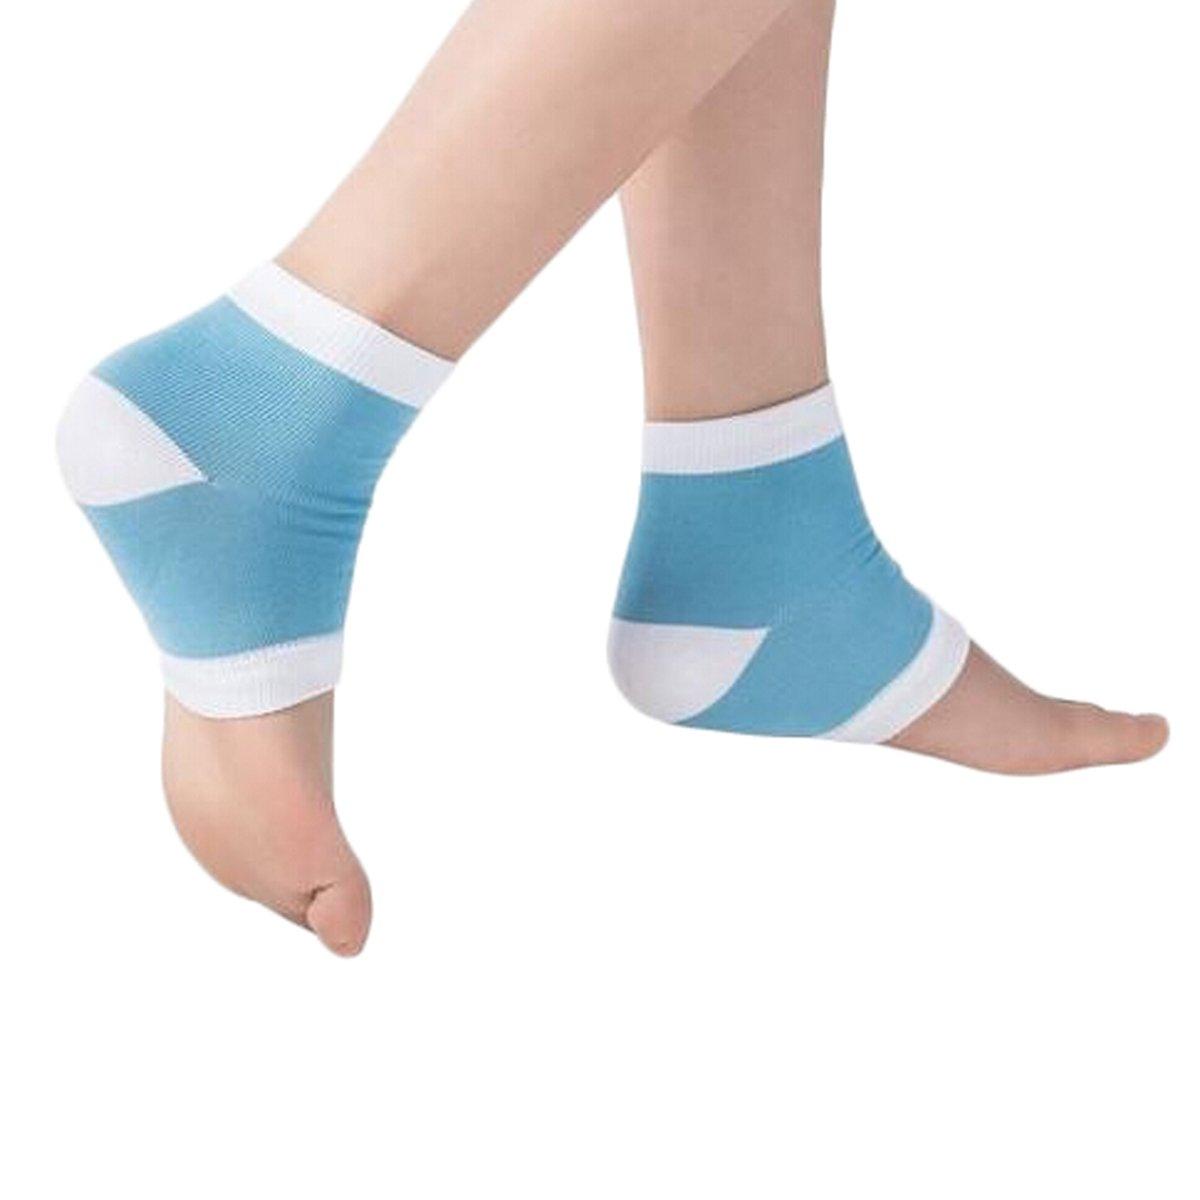 Feuchtigkeits-Gel-Ferse-Socken öffnen Zehe-Wiederaufnahmen-Socken-Schutz-Auflagen für das Knacken von Füßen (Rosa) Lional